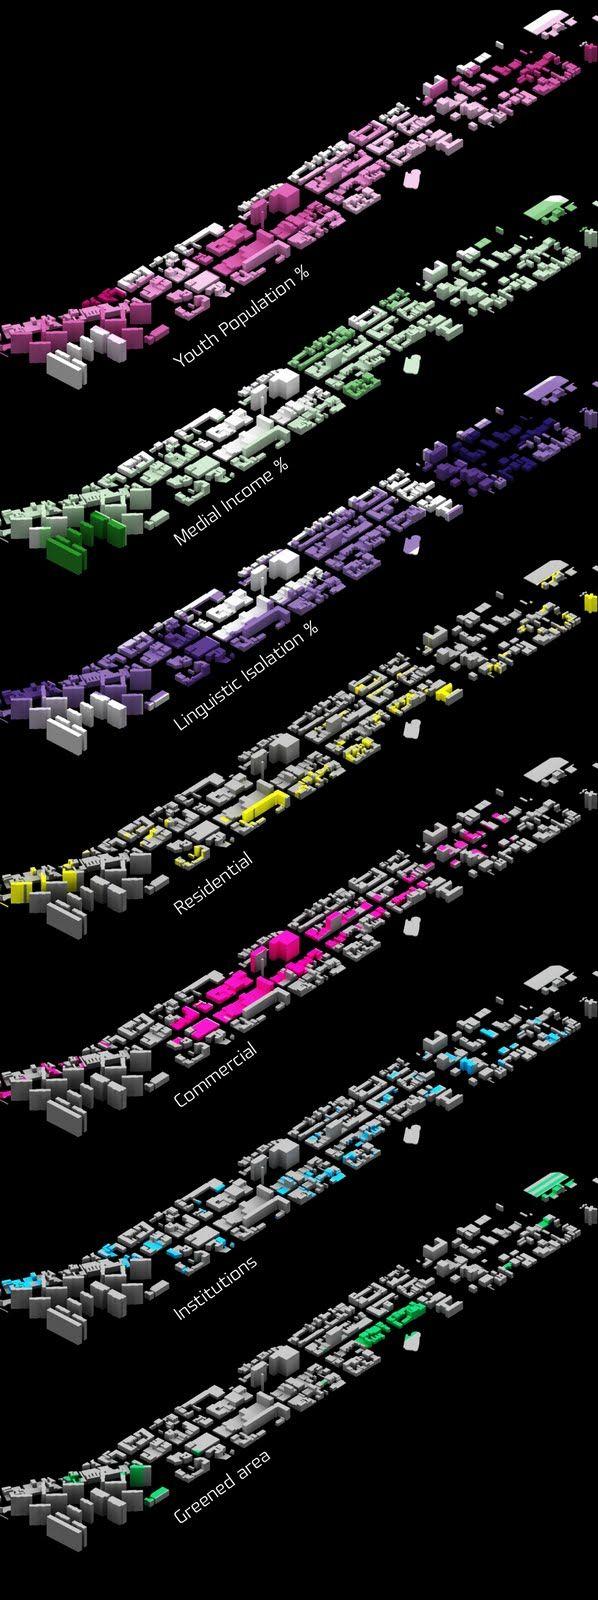 3d+Coloured+Urban+Analysis.jpg 598×1.600 píxeles